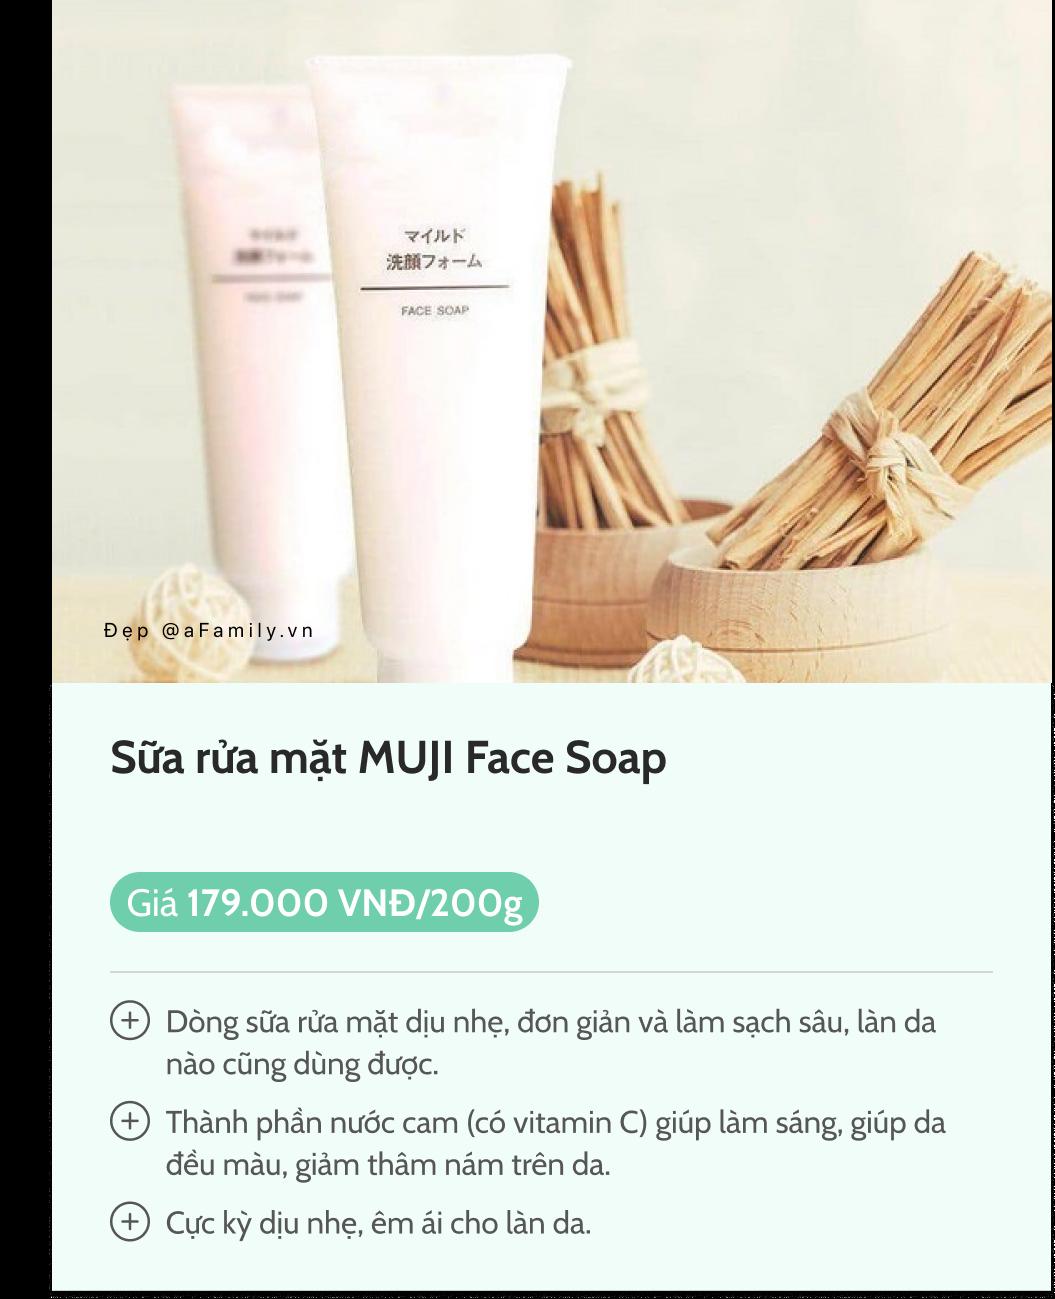 """Với 500k, chị em có thể sắm cả loạt đồ skin care từ làm sạch đến chống già tại MUJI: Căng nhất là lọ toner """"nổi như cồn"""" lại có giá rẻ hơn hẳn khi đặt mua ở Nhật - Ảnh 7."""